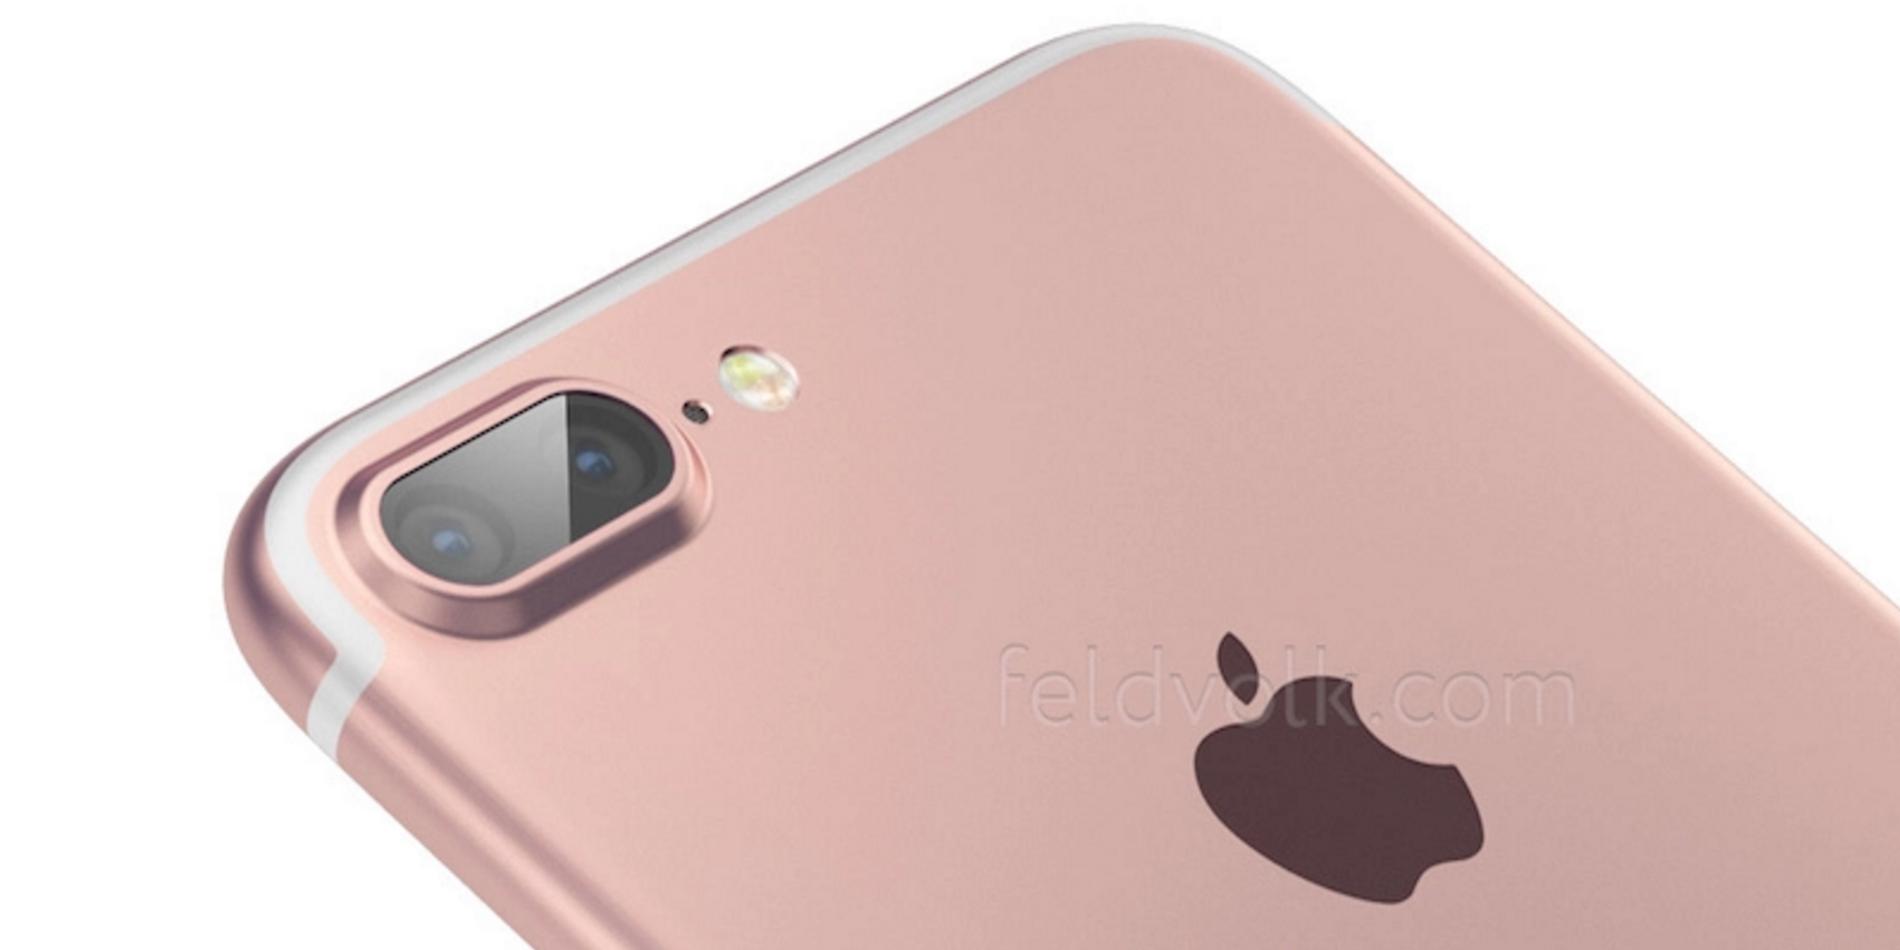 iphone-7-dual-camera-render